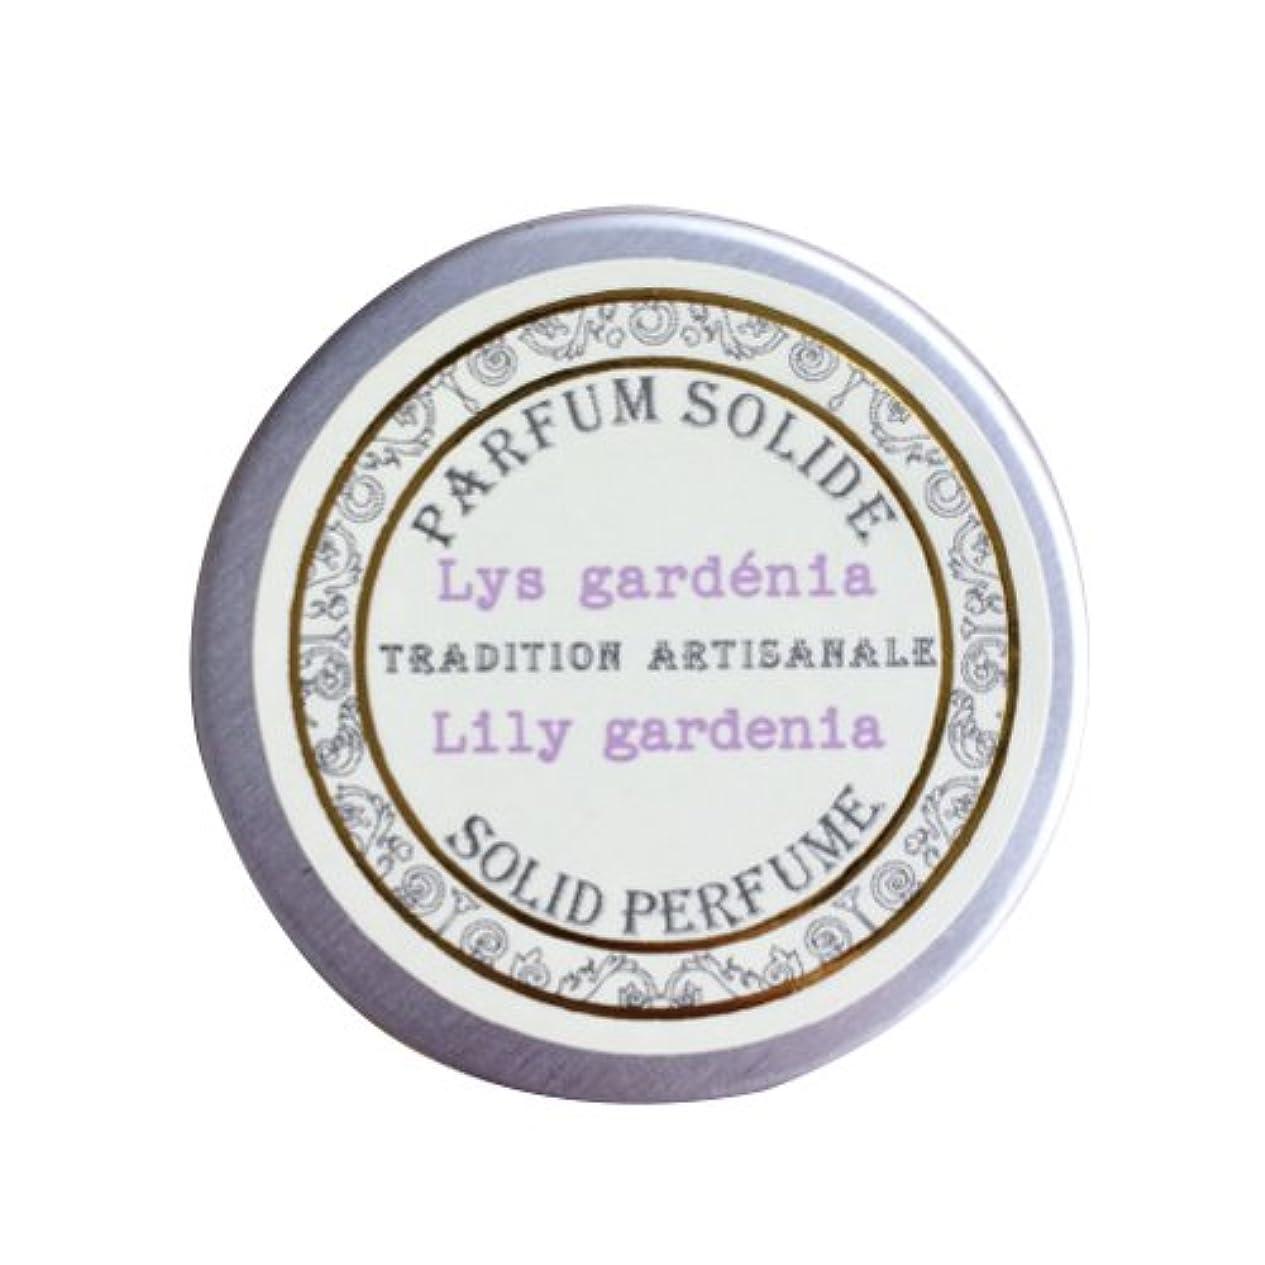 自伝スパイラル好奇心盛Senteur et Beaute(サンタールエボーテ) フレンチクラシックシリーズ 練り香水 10g 「リリーガーデニア」 4994228023070